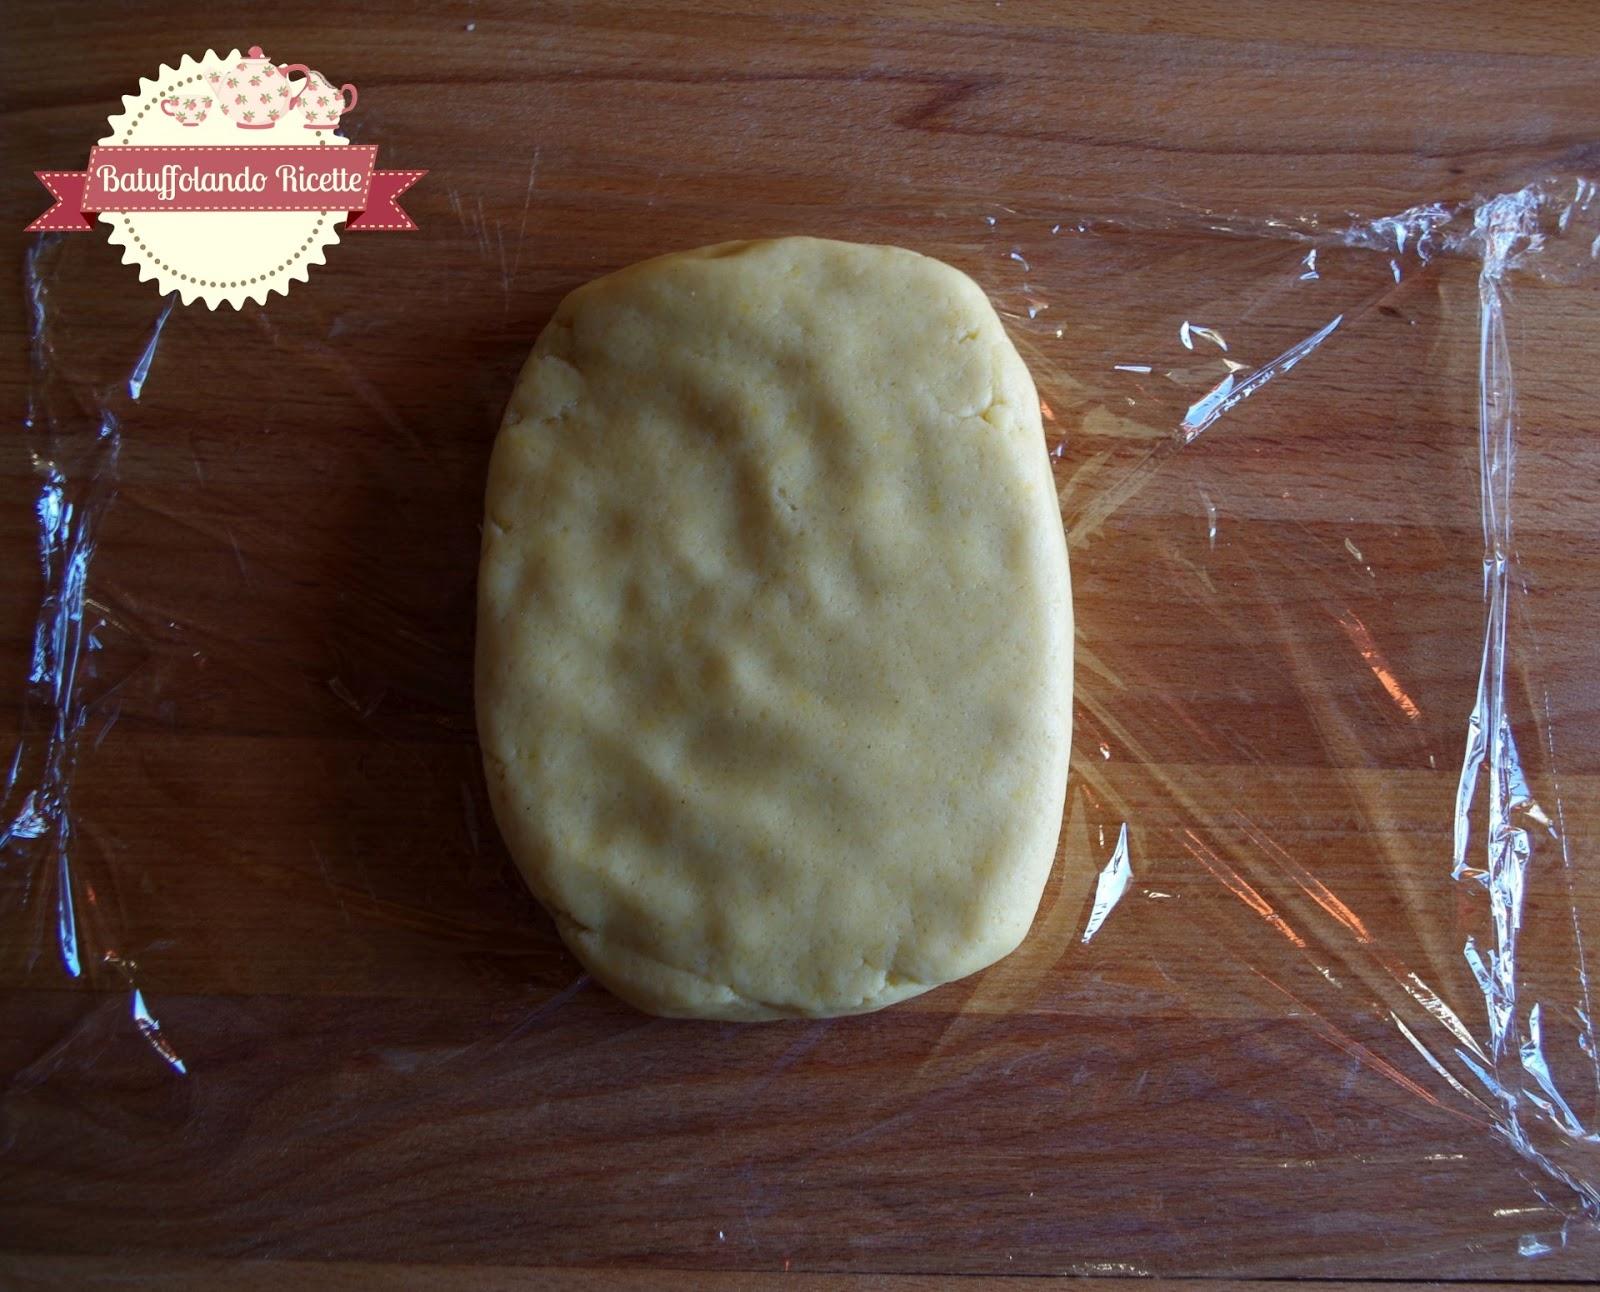 Biscotti Da Credenza Alice : Batuffolando ricette biscotti con zenzero fresco all olio evo